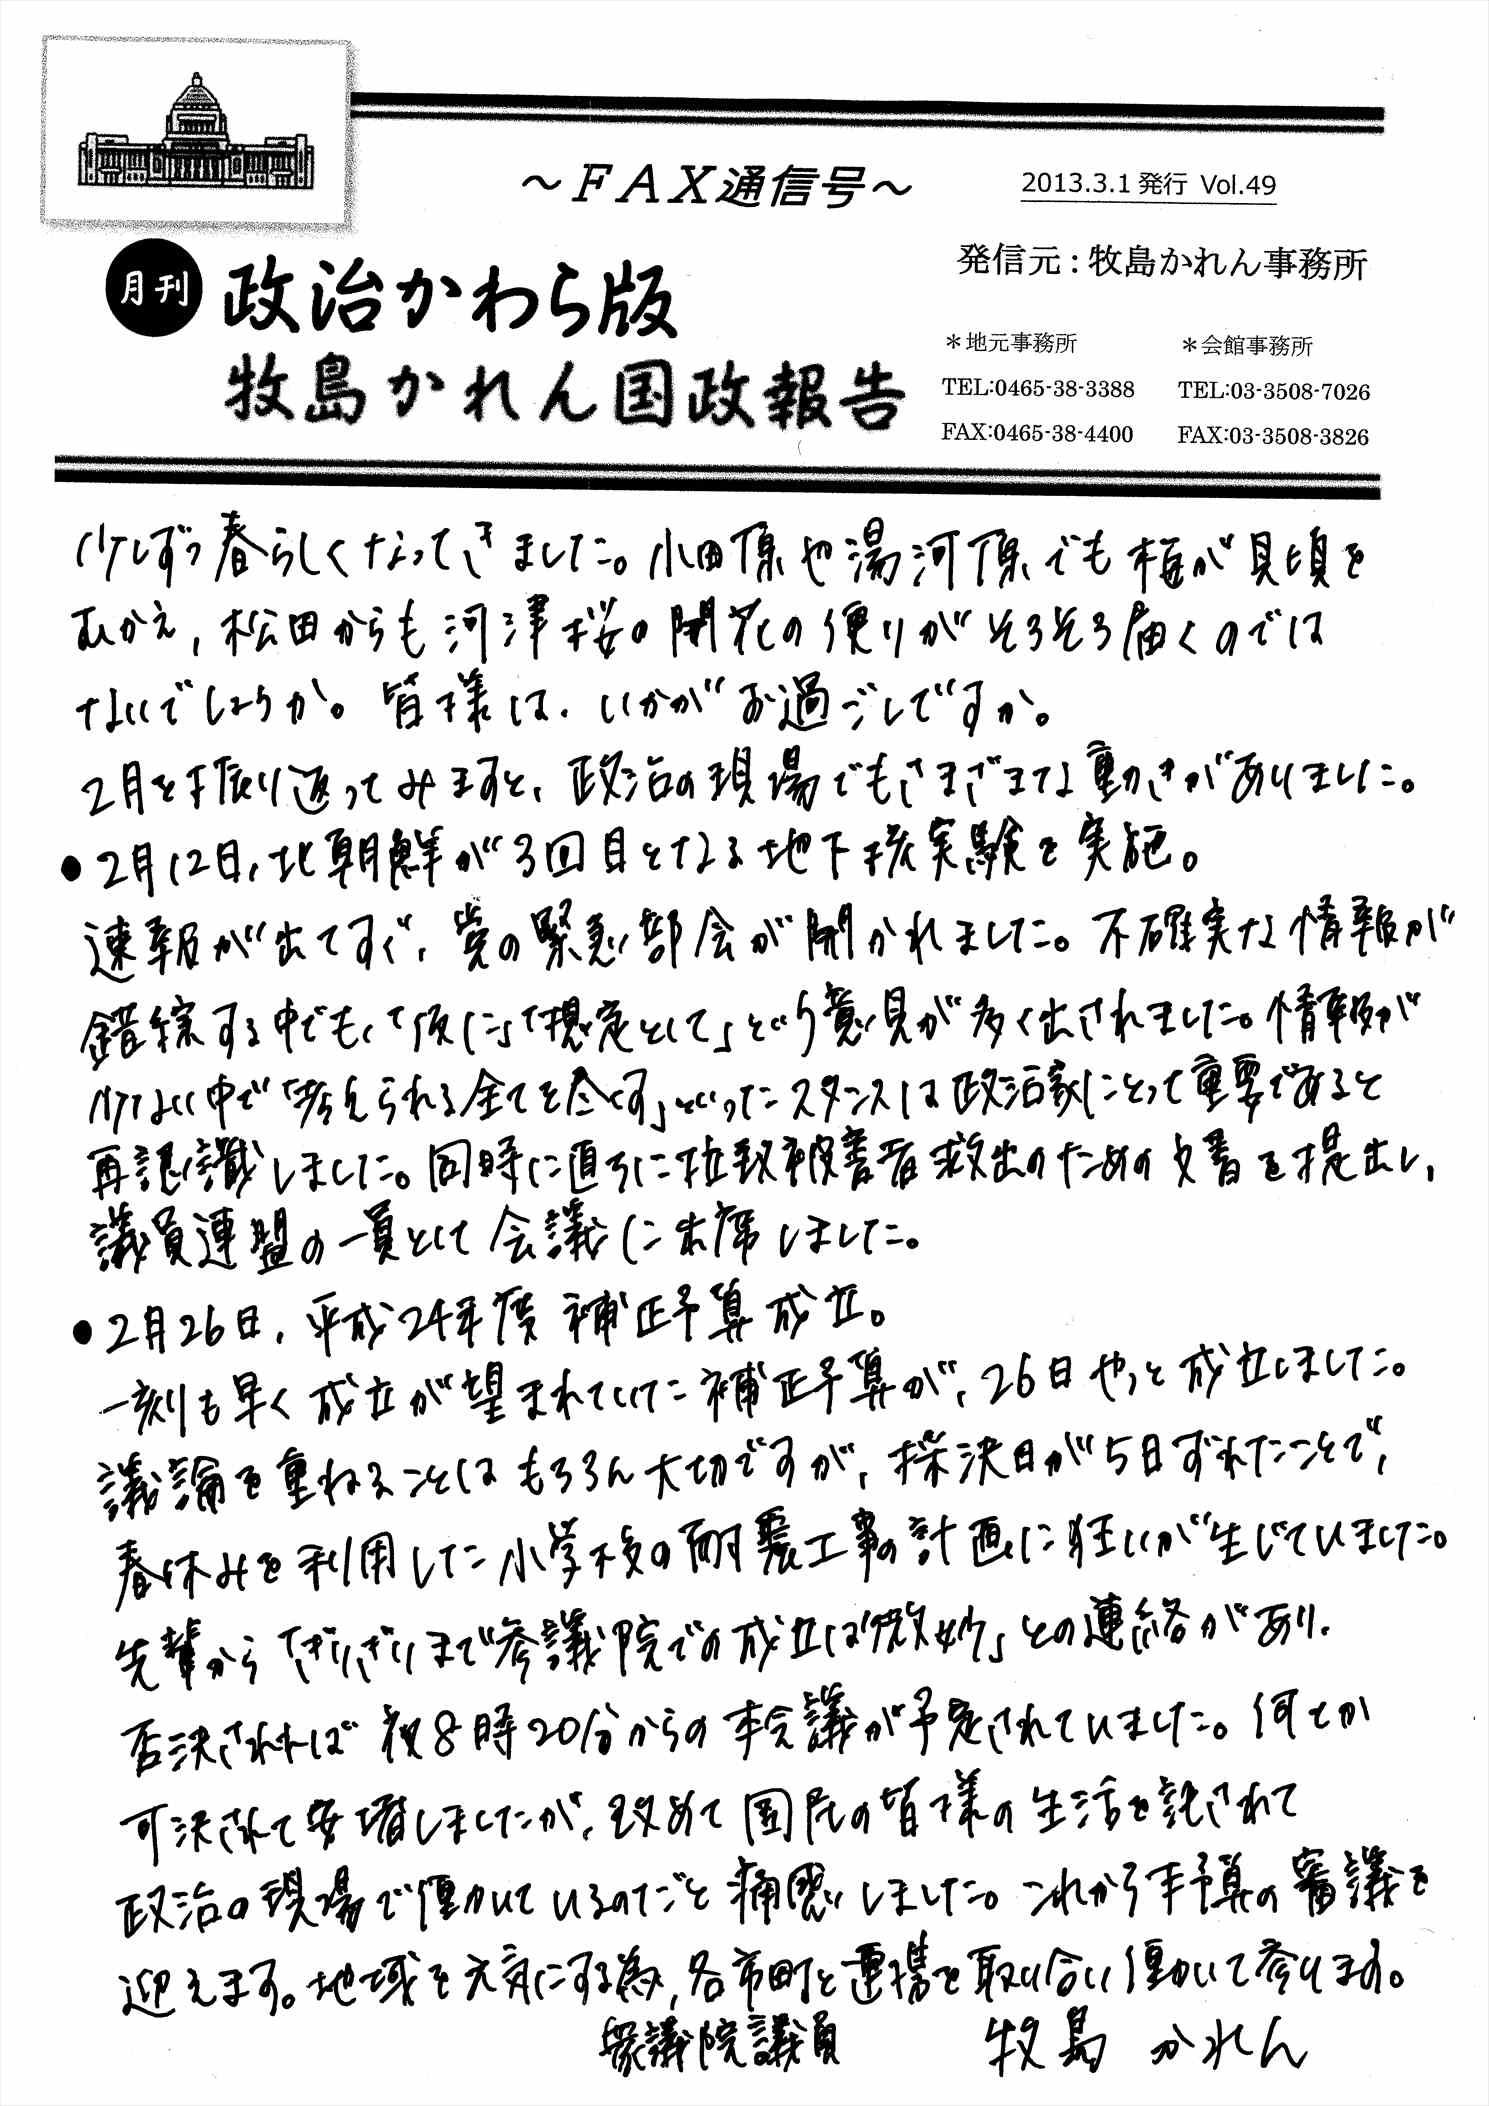 牧島かれん 政治かわら版3月号 Vol.49